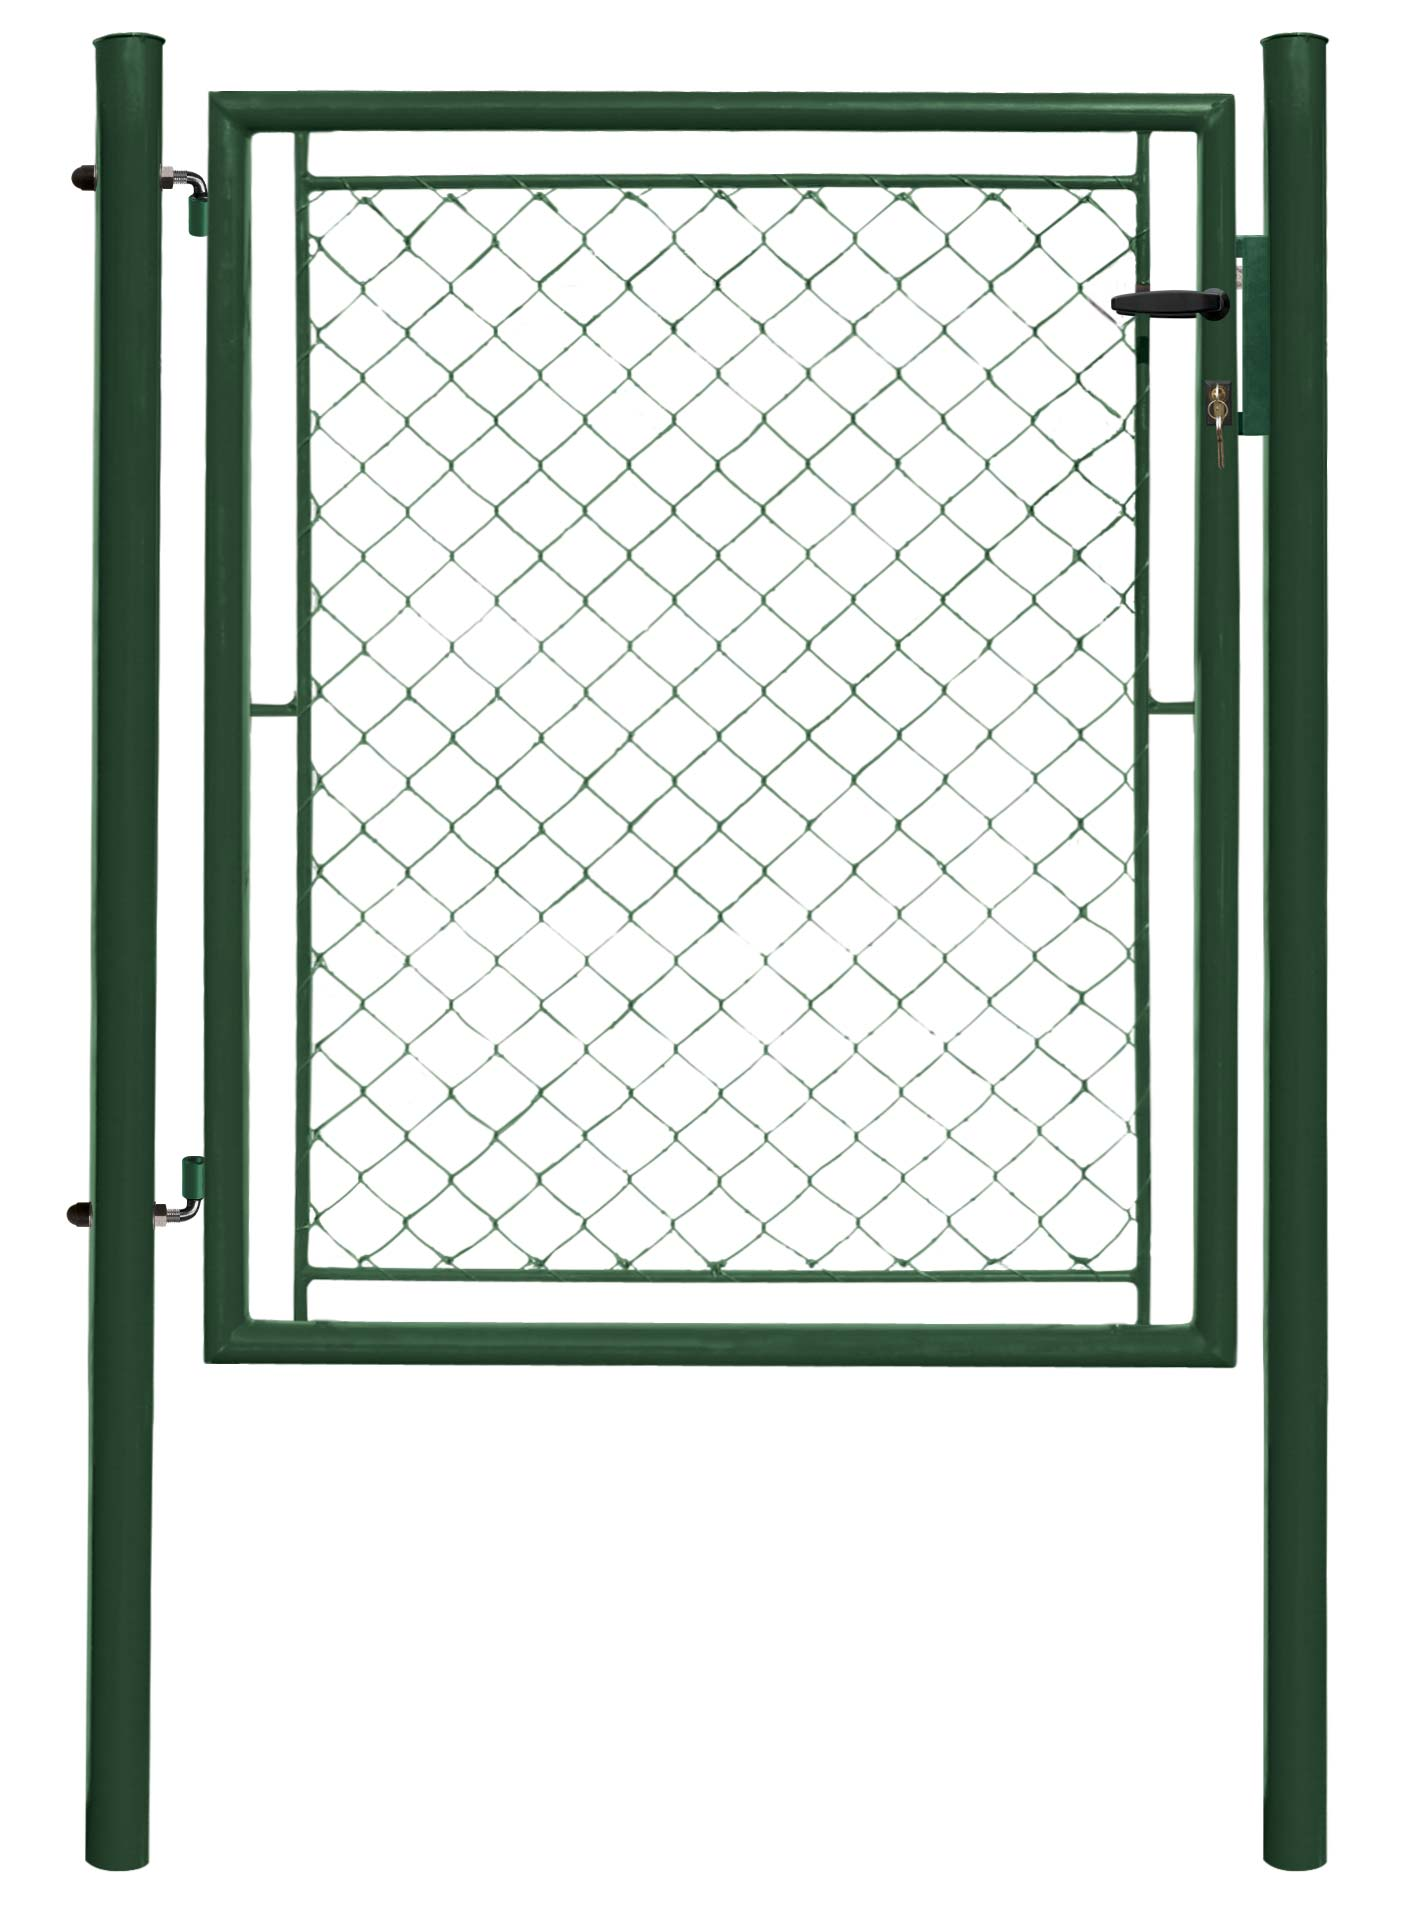 Branka IDEAL jednokřídlá 1085x1950,Zn+PVC, zelená 24Kg